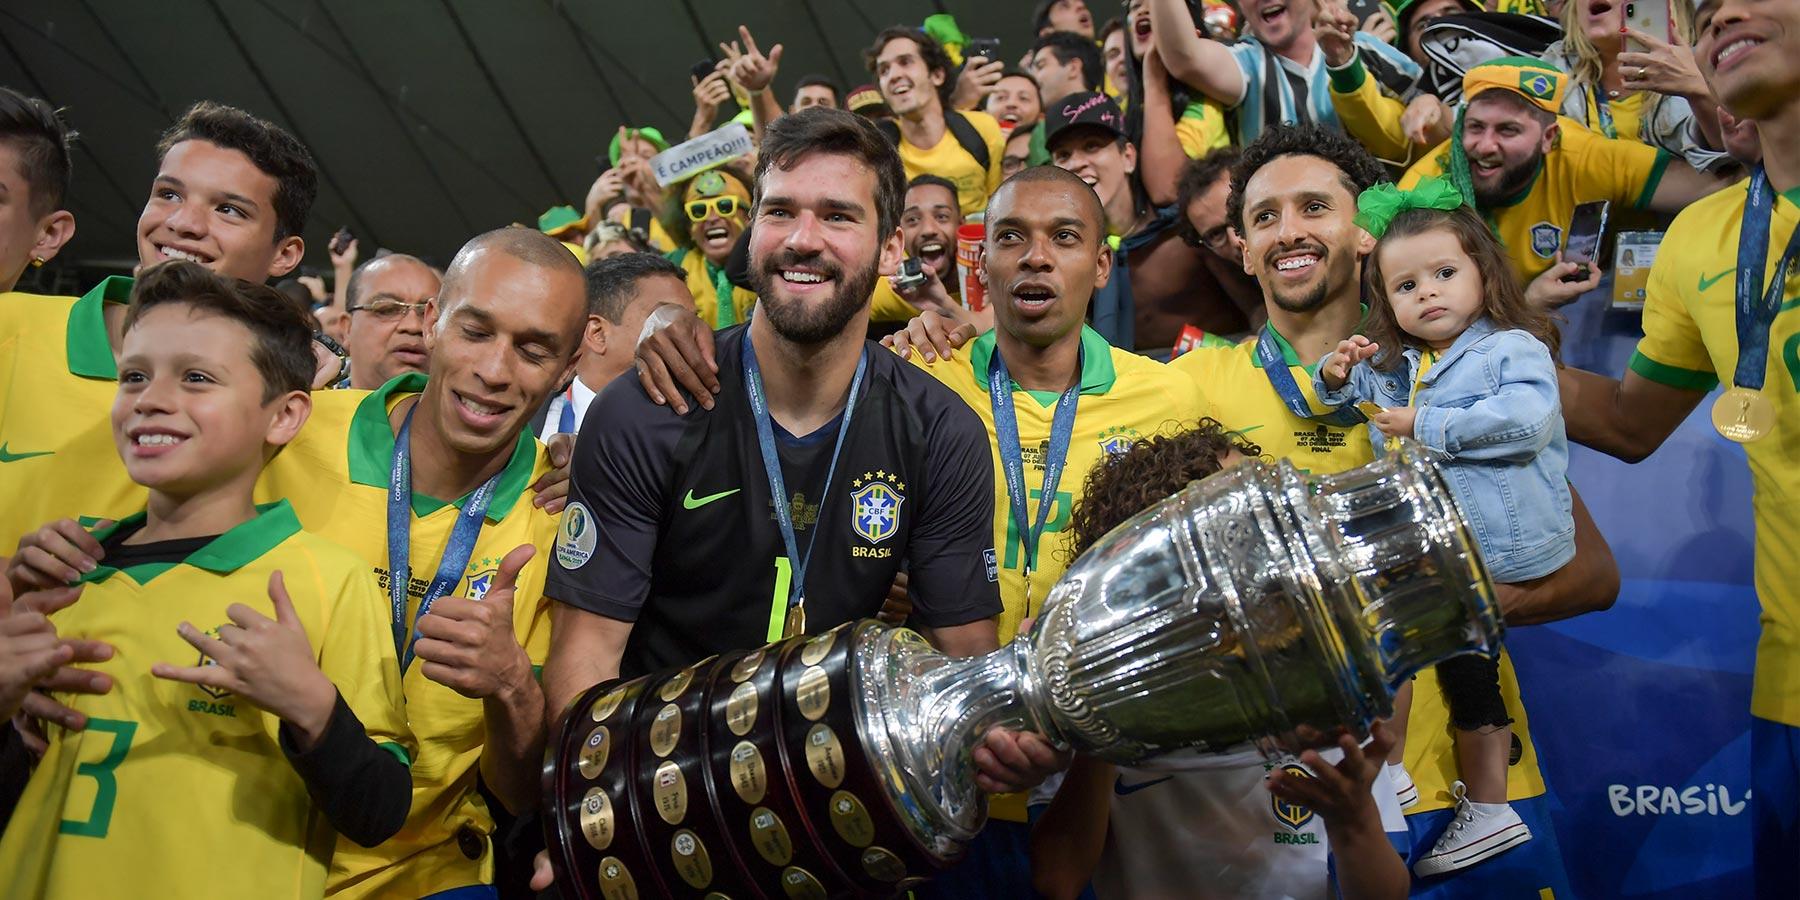 บราซิล v เปรู ผลบอลสด ผลบอล โคปา อเมริกา